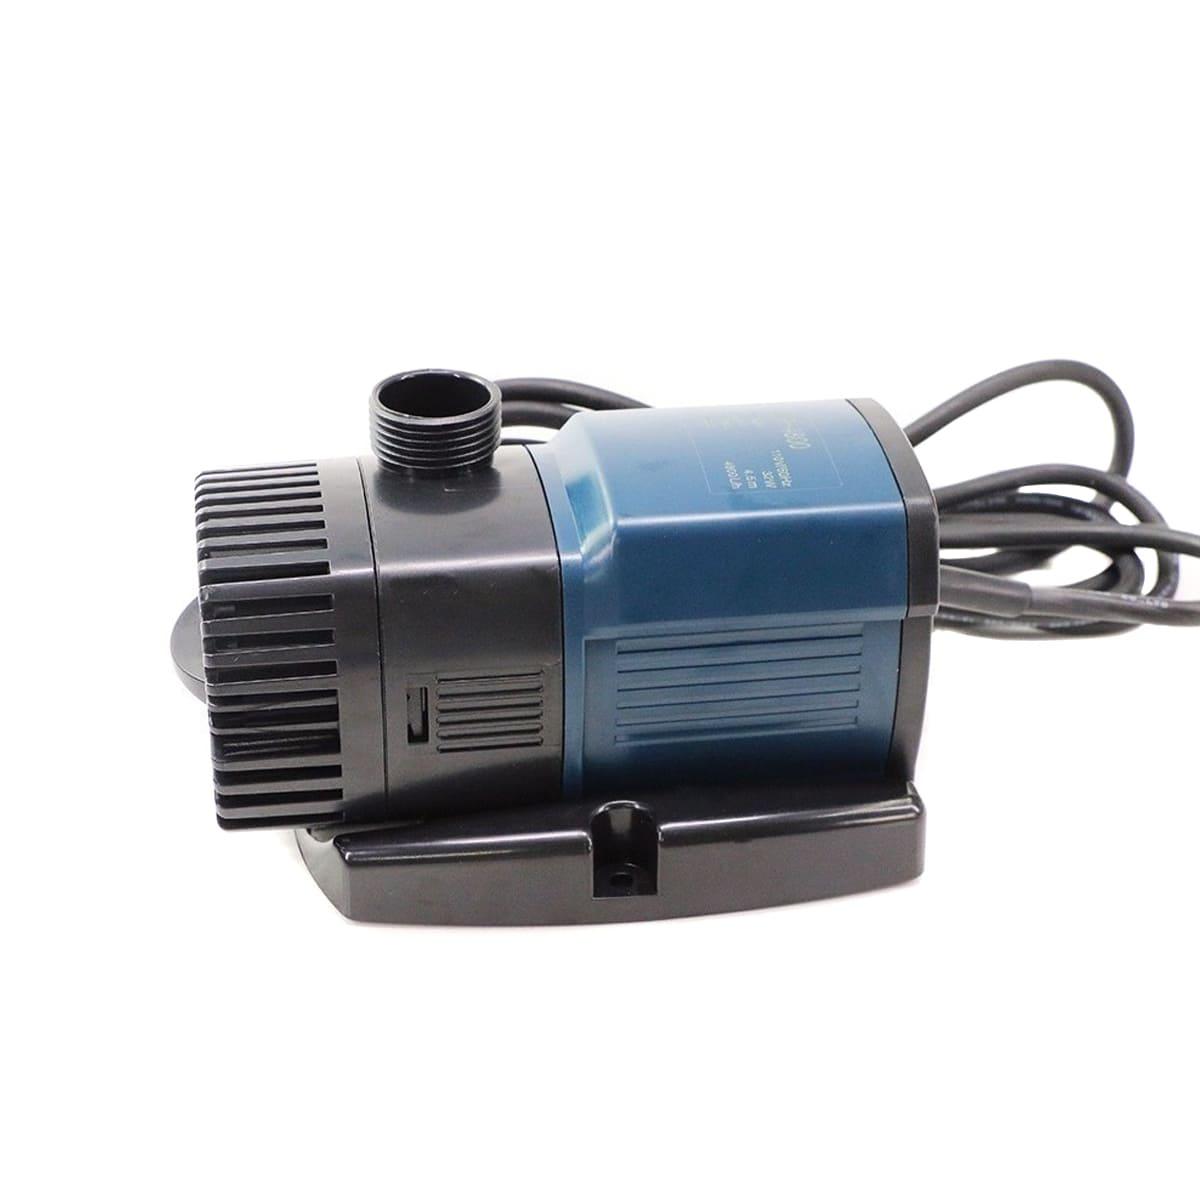 Bomba Submersa Sunsun JTP 4800 - Aquários e Lagos 4800l/h